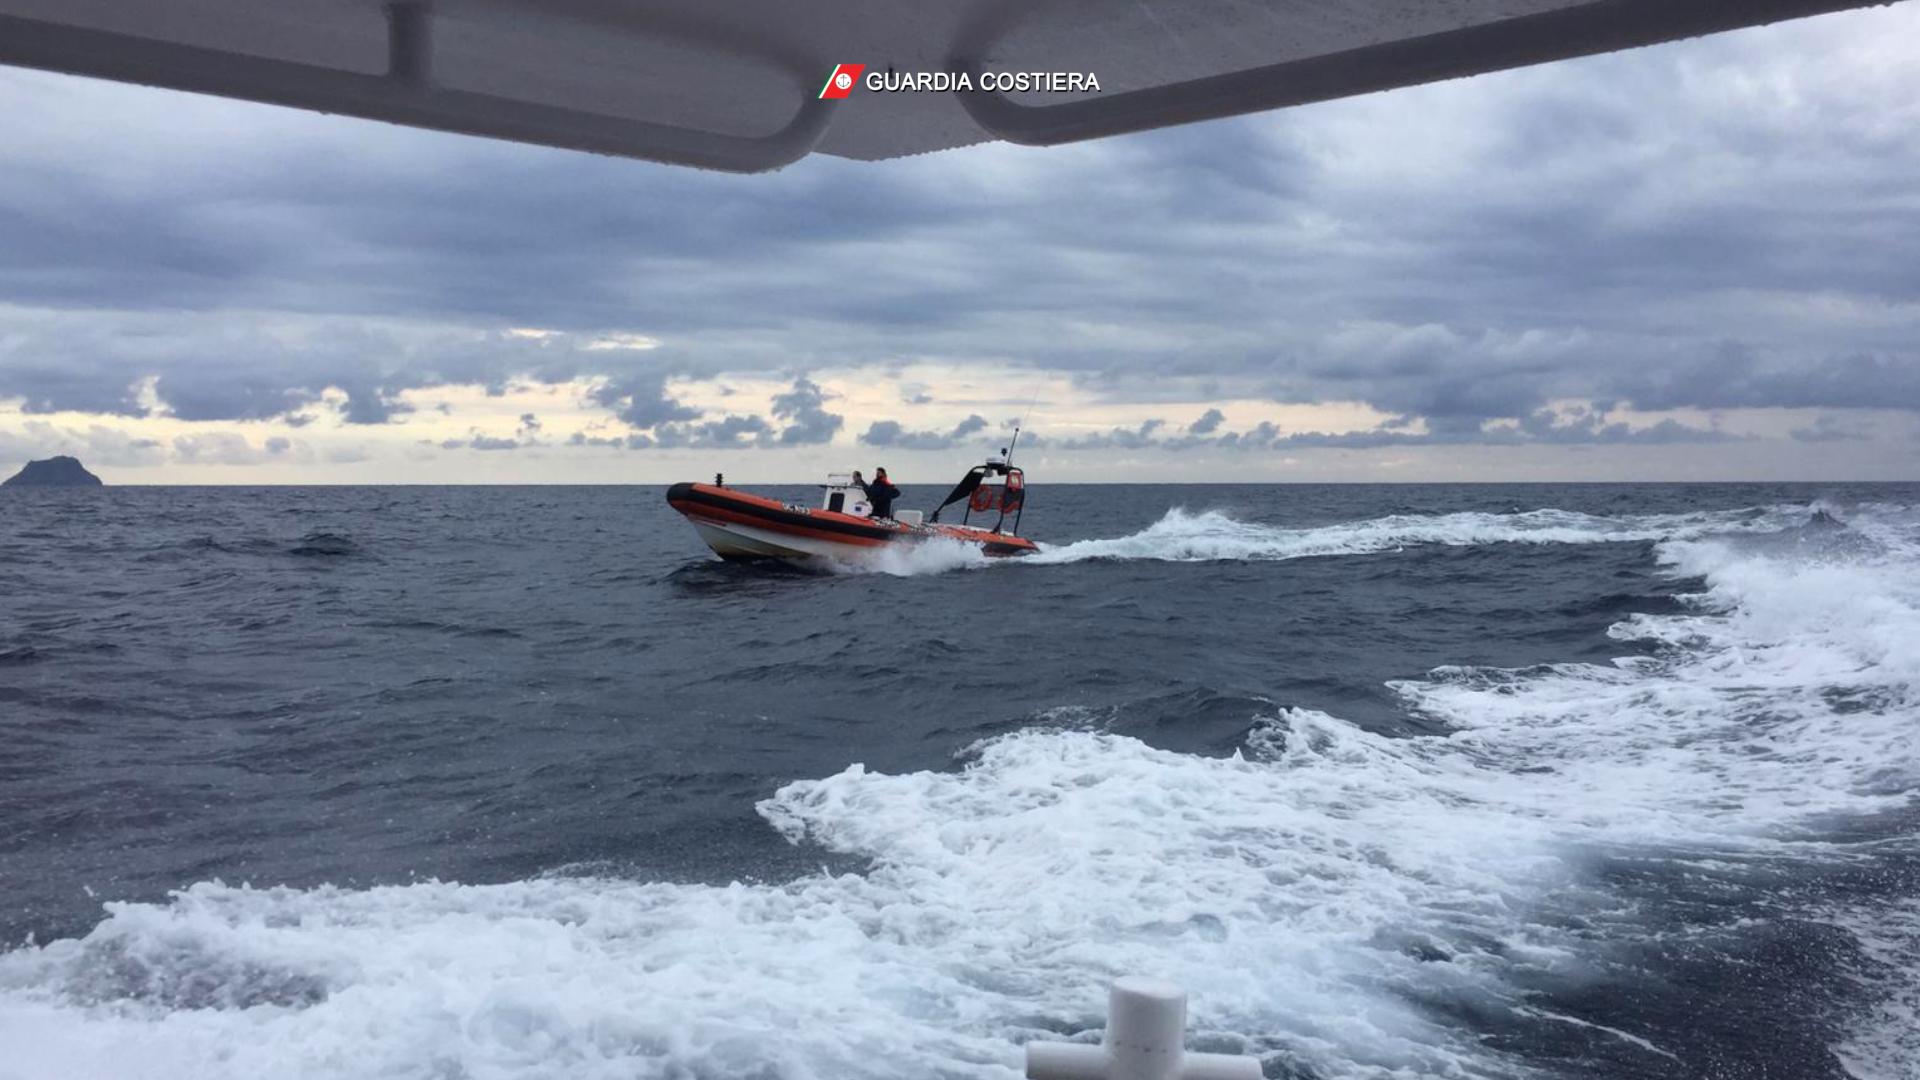 La Guardia Costiera di Cagliari impegnata nella ricerca e soccorso di un barchino con i migranti a bordo